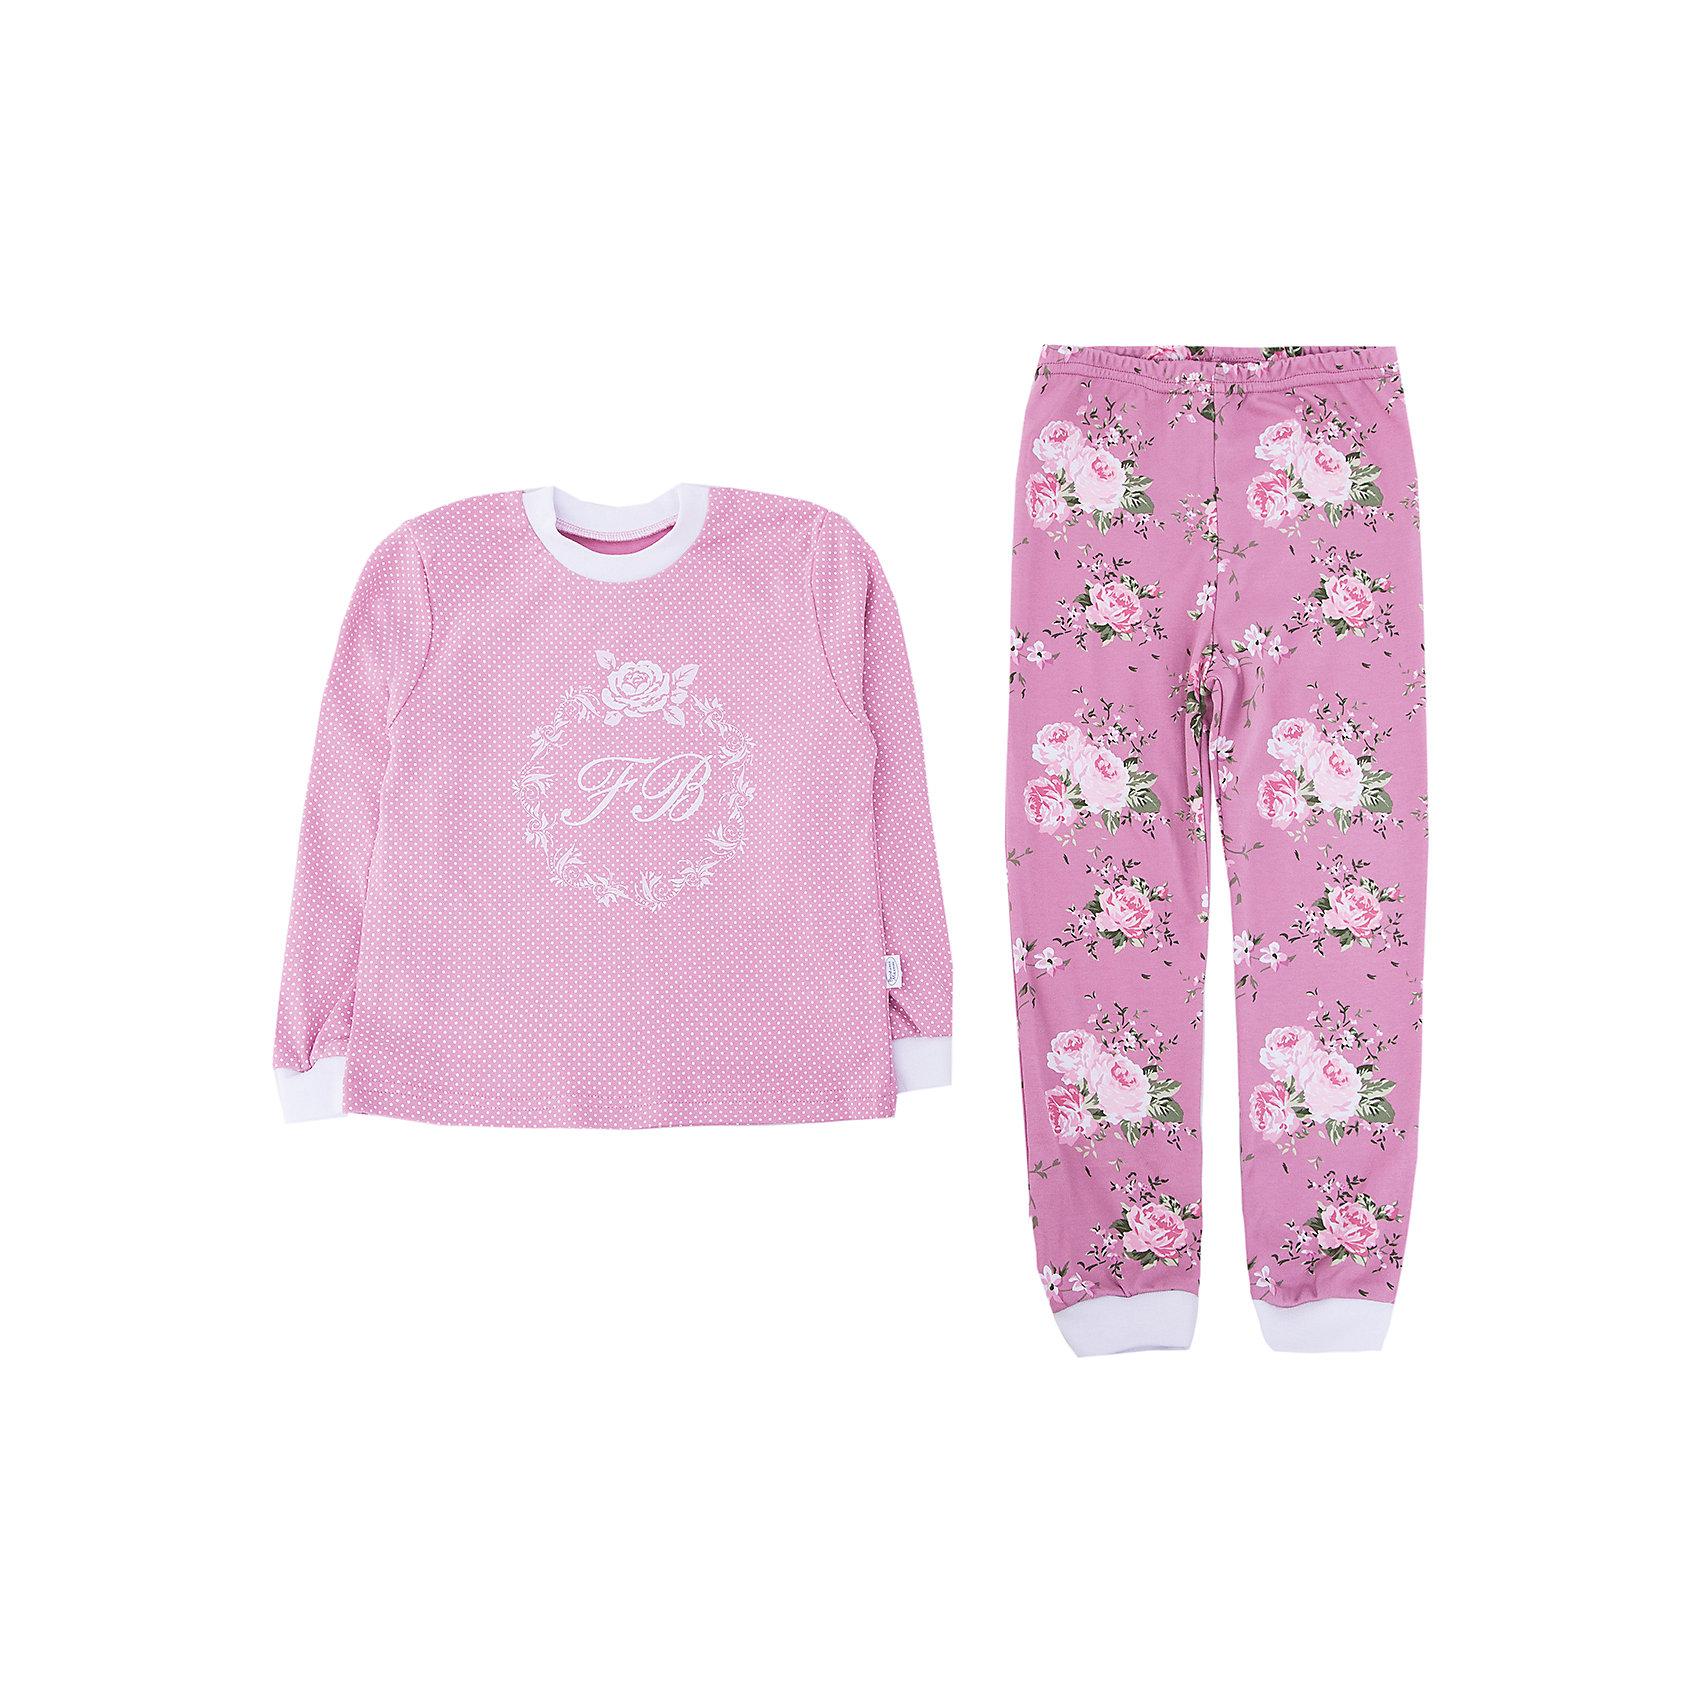 Пижама Веселый малыш для девочкиПижамы и сорочки<br>Пижама Веселый малыш для девочки<br>Пижама Розы из качественного натурального полотна (интерлок, пенье).<br>Состав:<br>100%хлопок<br><br>Ширина мм: 281<br>Глубина мм: 70<br>Высота мм: 188<br>Вес г: 295<br>Цвет: розовый<br>Возраст от месяцев: 60<br>Возраст до месяцев: 72<br>Пол: Женский<br>Возраст: Детский<br>Размер: 116,92,98,104,110<br>SKU: 7129476